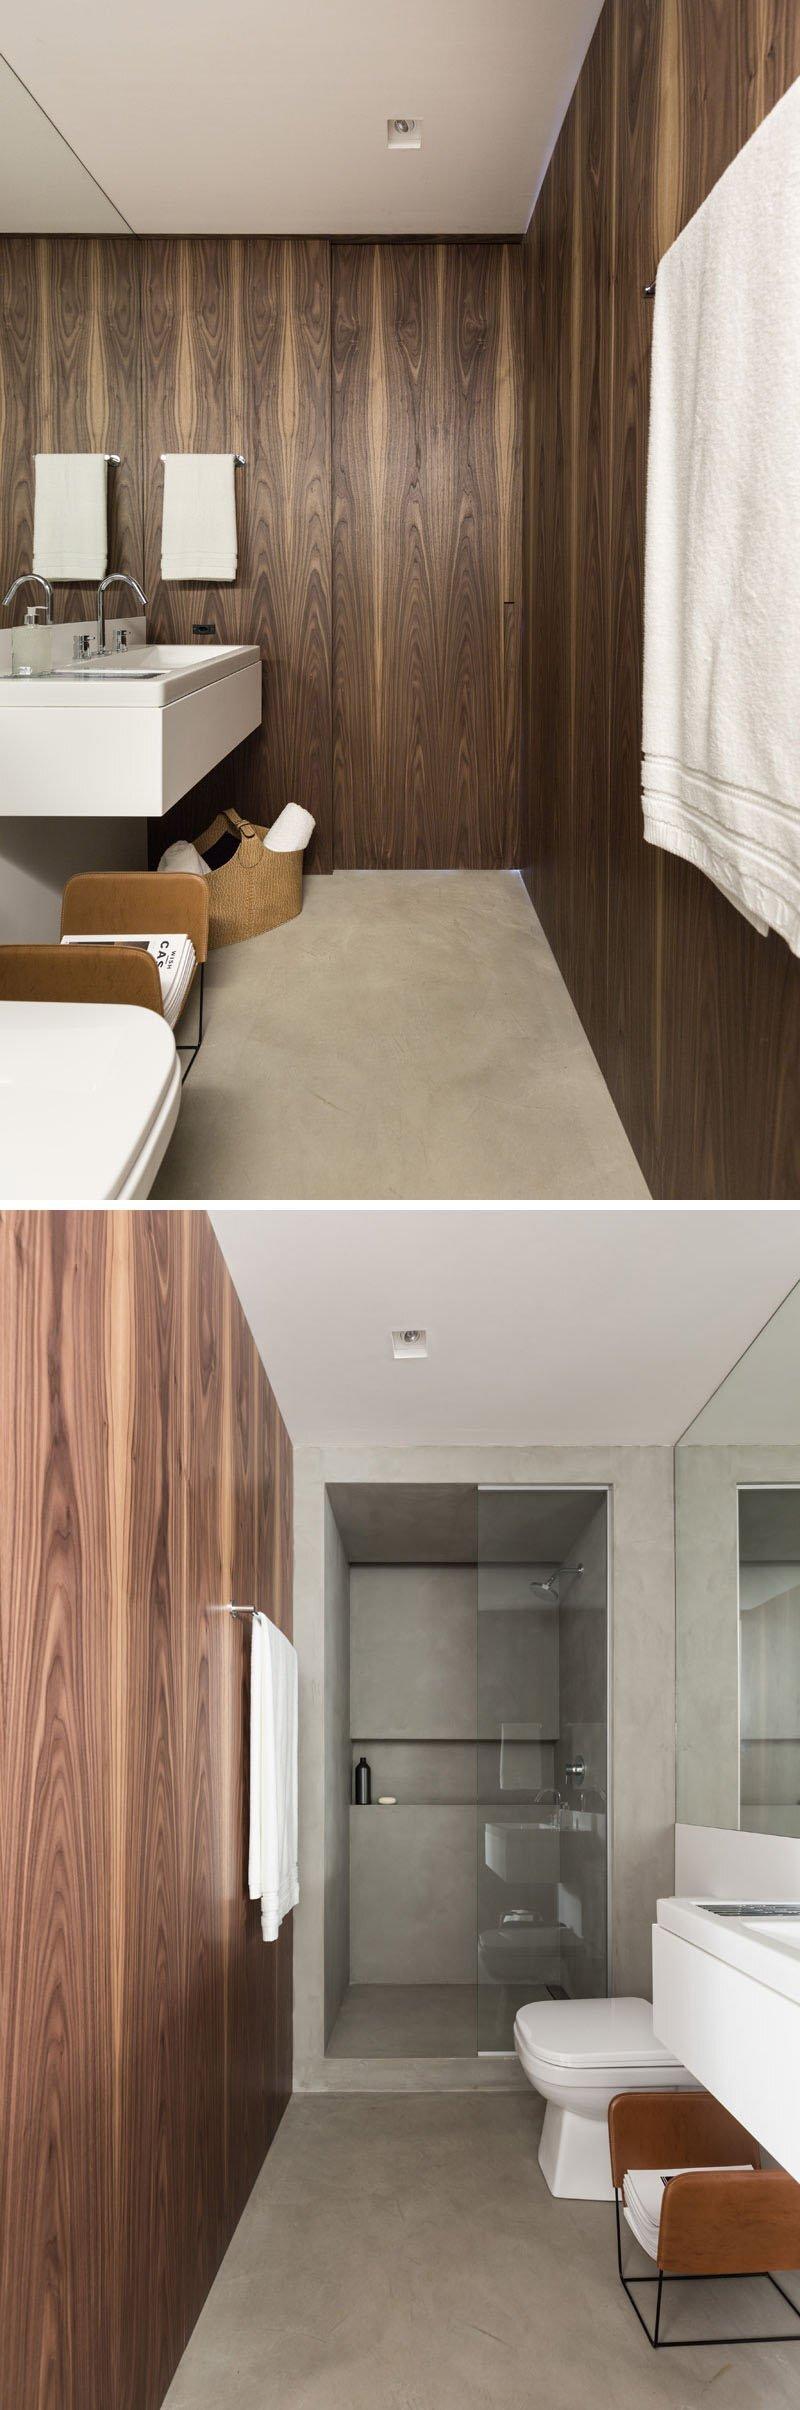 430-square-foot-apartment-ambidestro-porto-alegre-brazil-bathroom-humble-homes